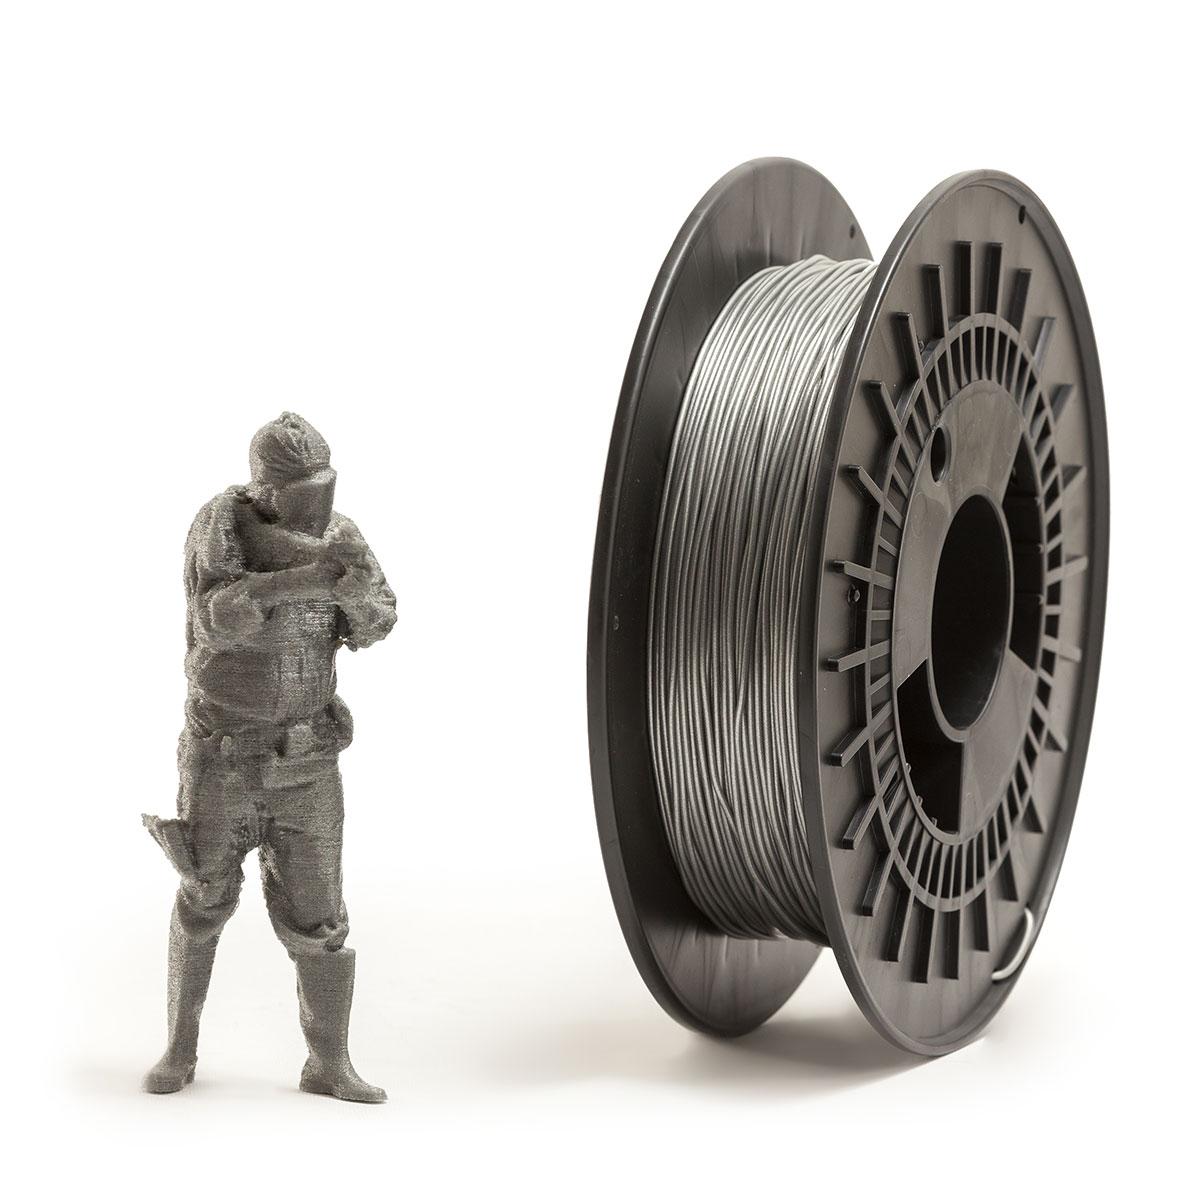 Silver TPU FLEX Filament